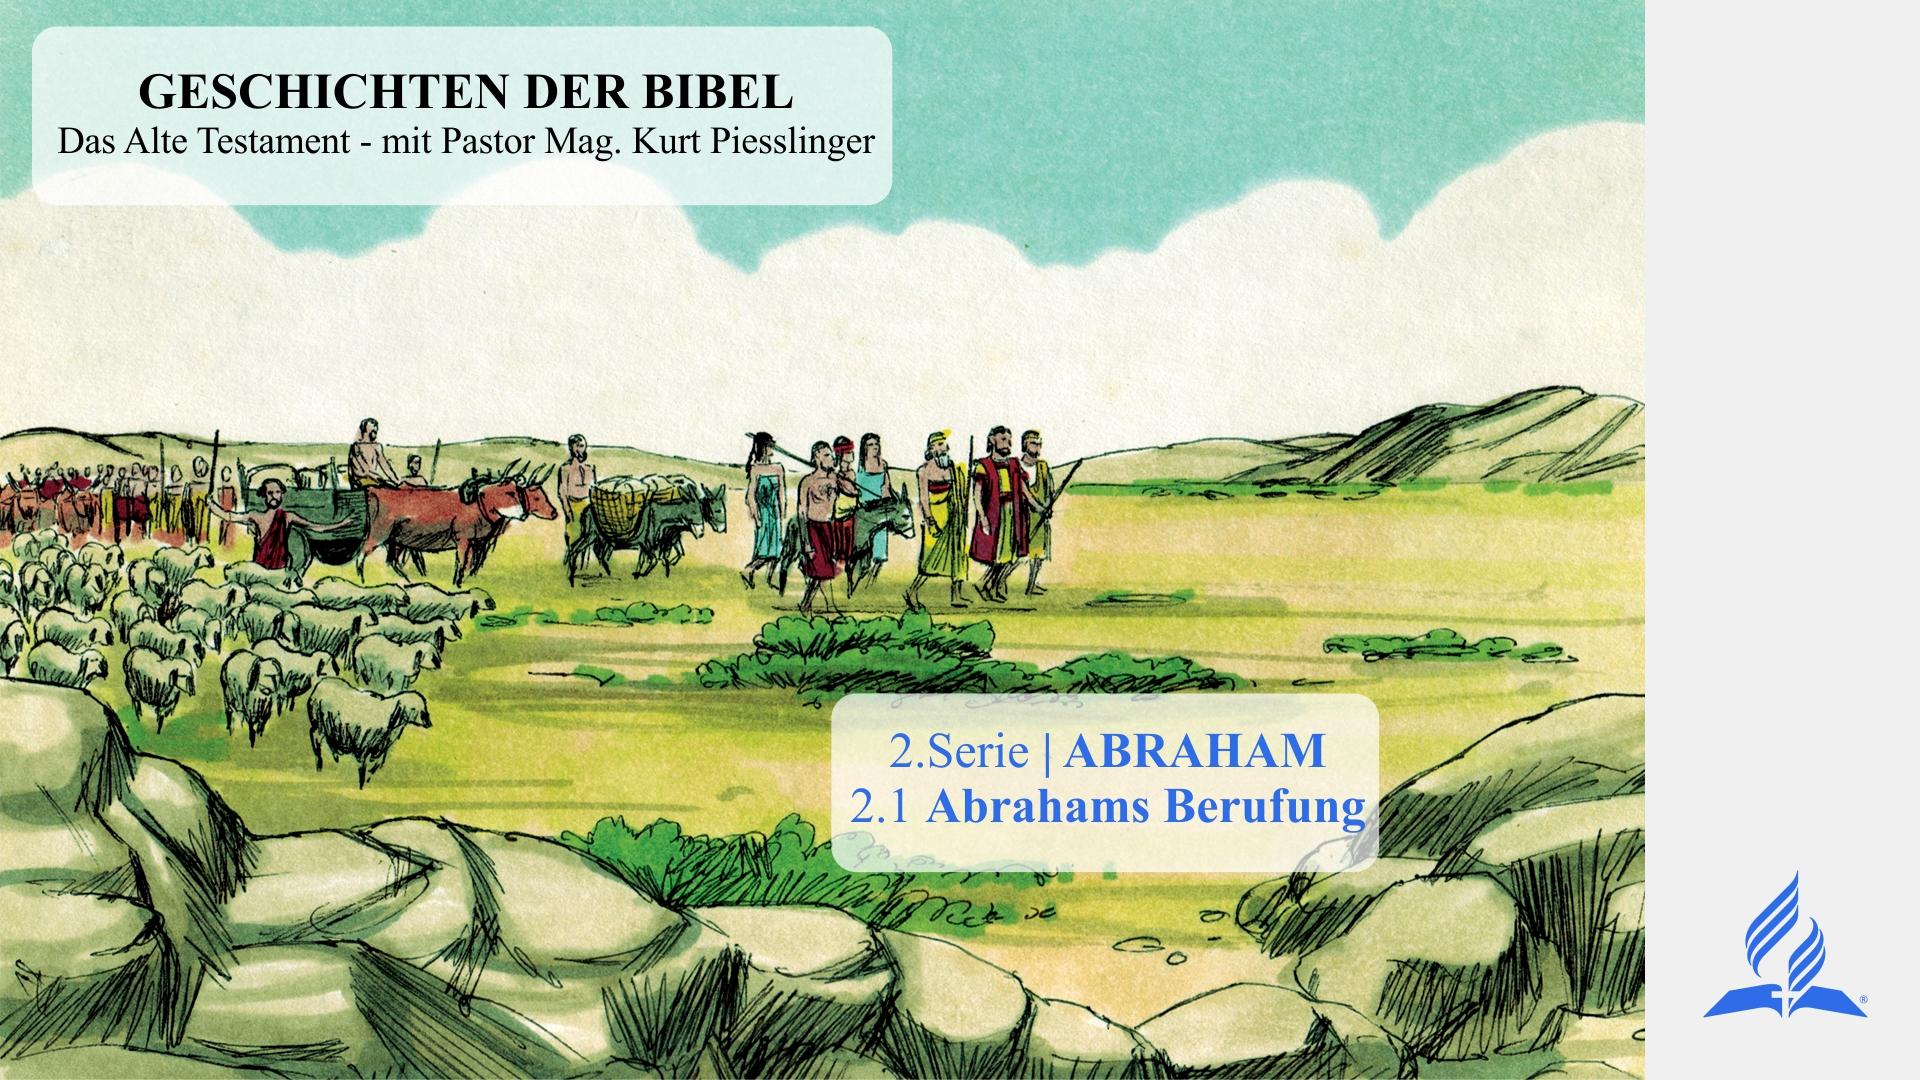 2.1 Abrahams Berufung x